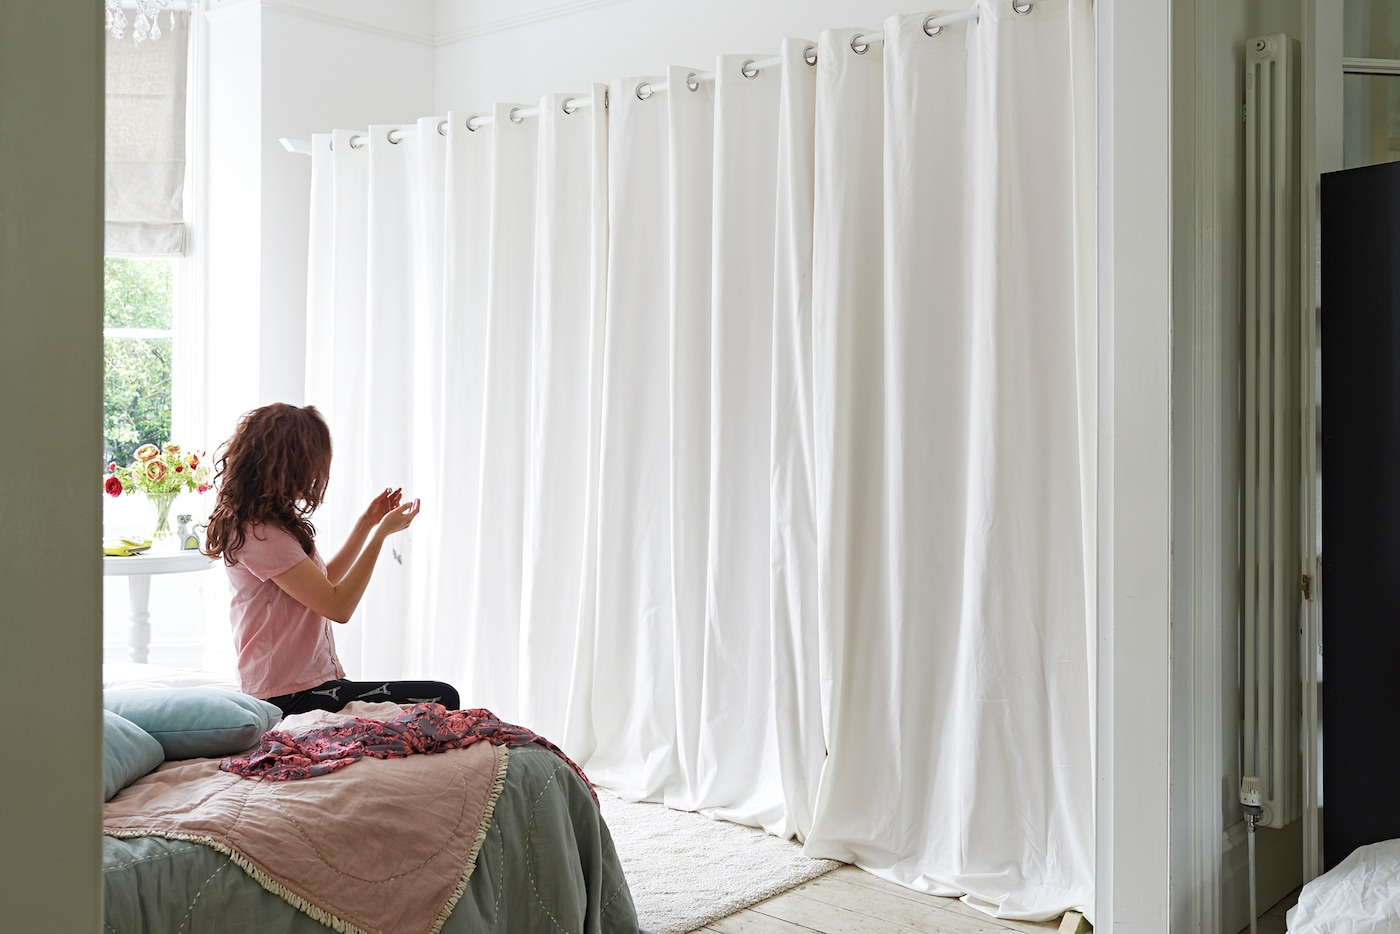 Full Size of Offener Kleiderschrank Tipps Fr Mehr Ordnung Ikea Deutschland Lampe Schlafzimmer Deckenlampen Für Wohnzimmer Betten übergewichtige Regal Kleidung Wiemann Schlafzimmer Gardinen Für Schlafzimmer